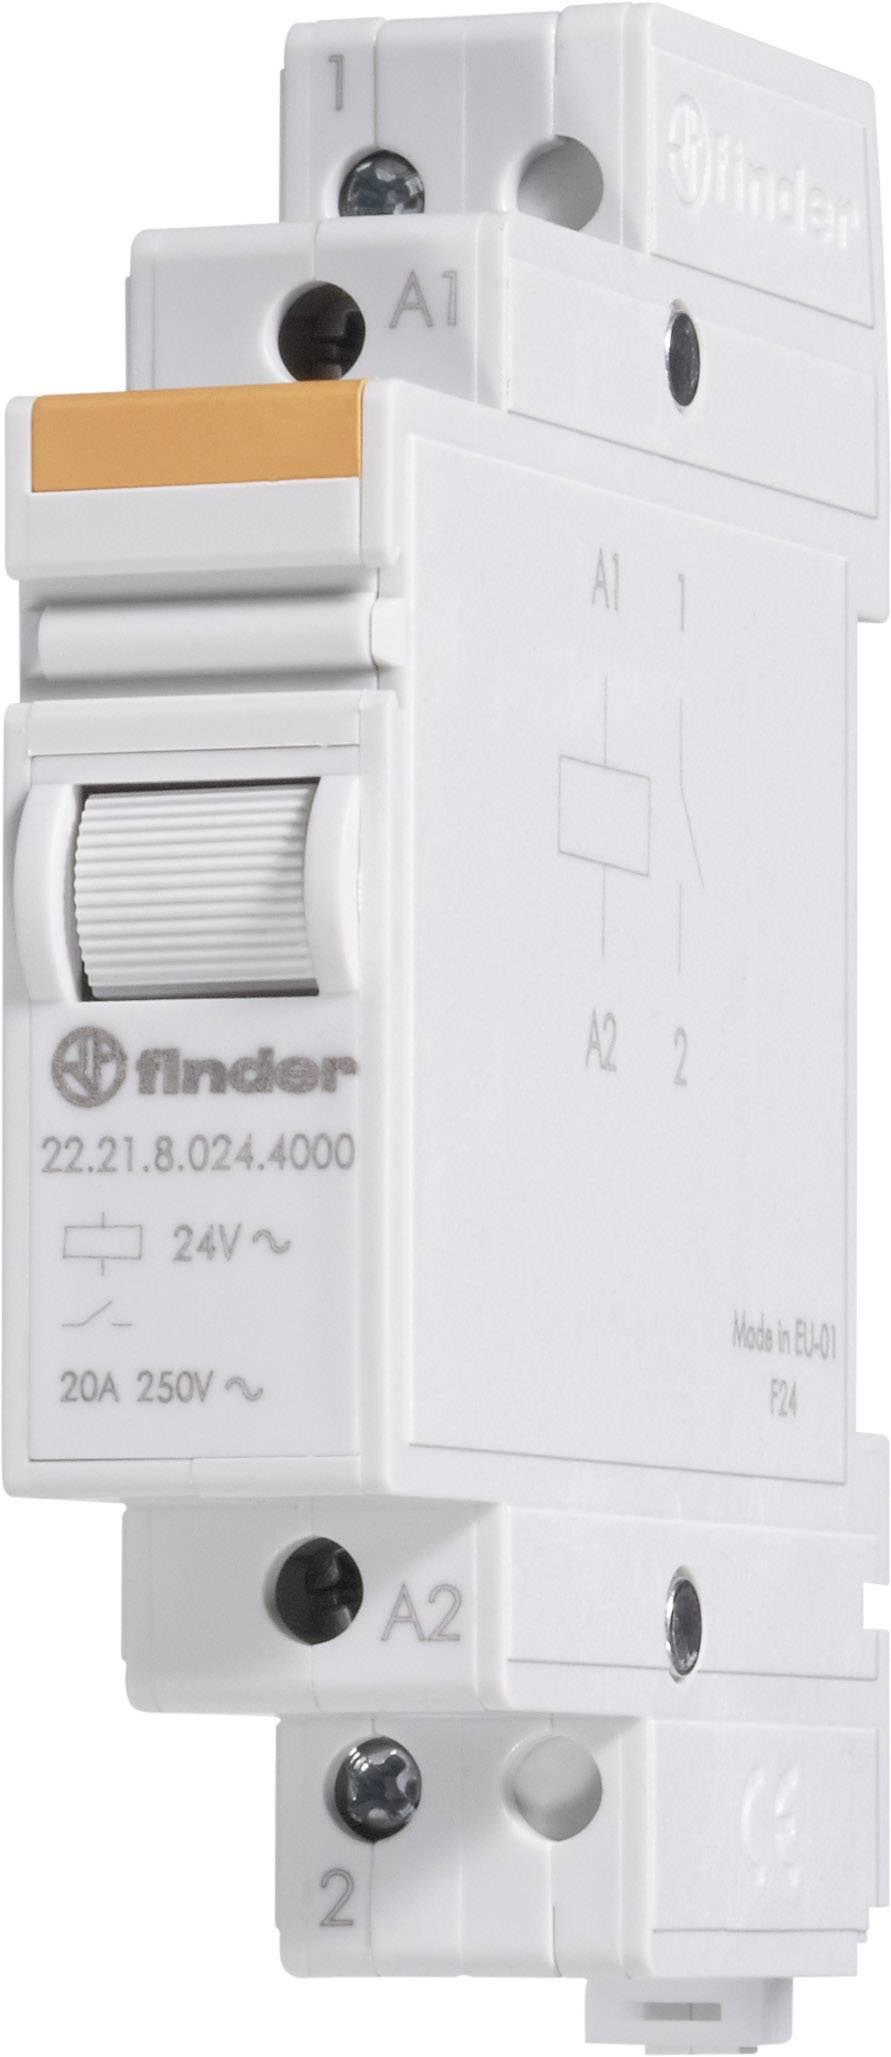 Instalační relé Finder 22.23.8.230.4000, 22.23.8.230.4000, 1 spínací + 1 rozpínací kontakt